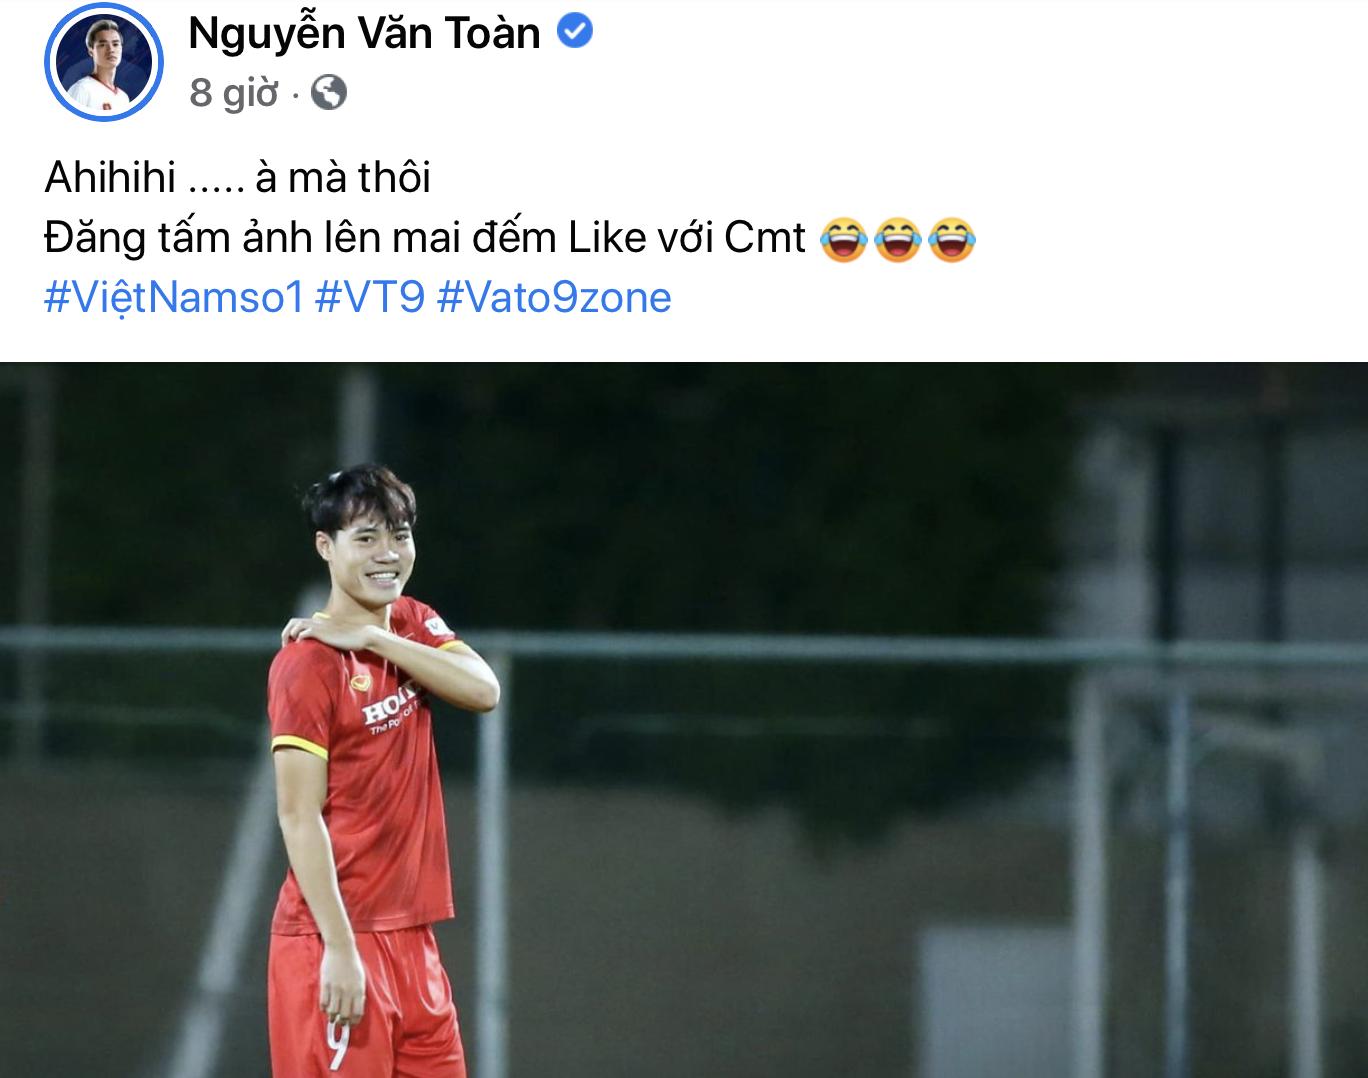 Dàn cầu thủ xả vai sau trận Malaysia và nhận bão like vì quá hot